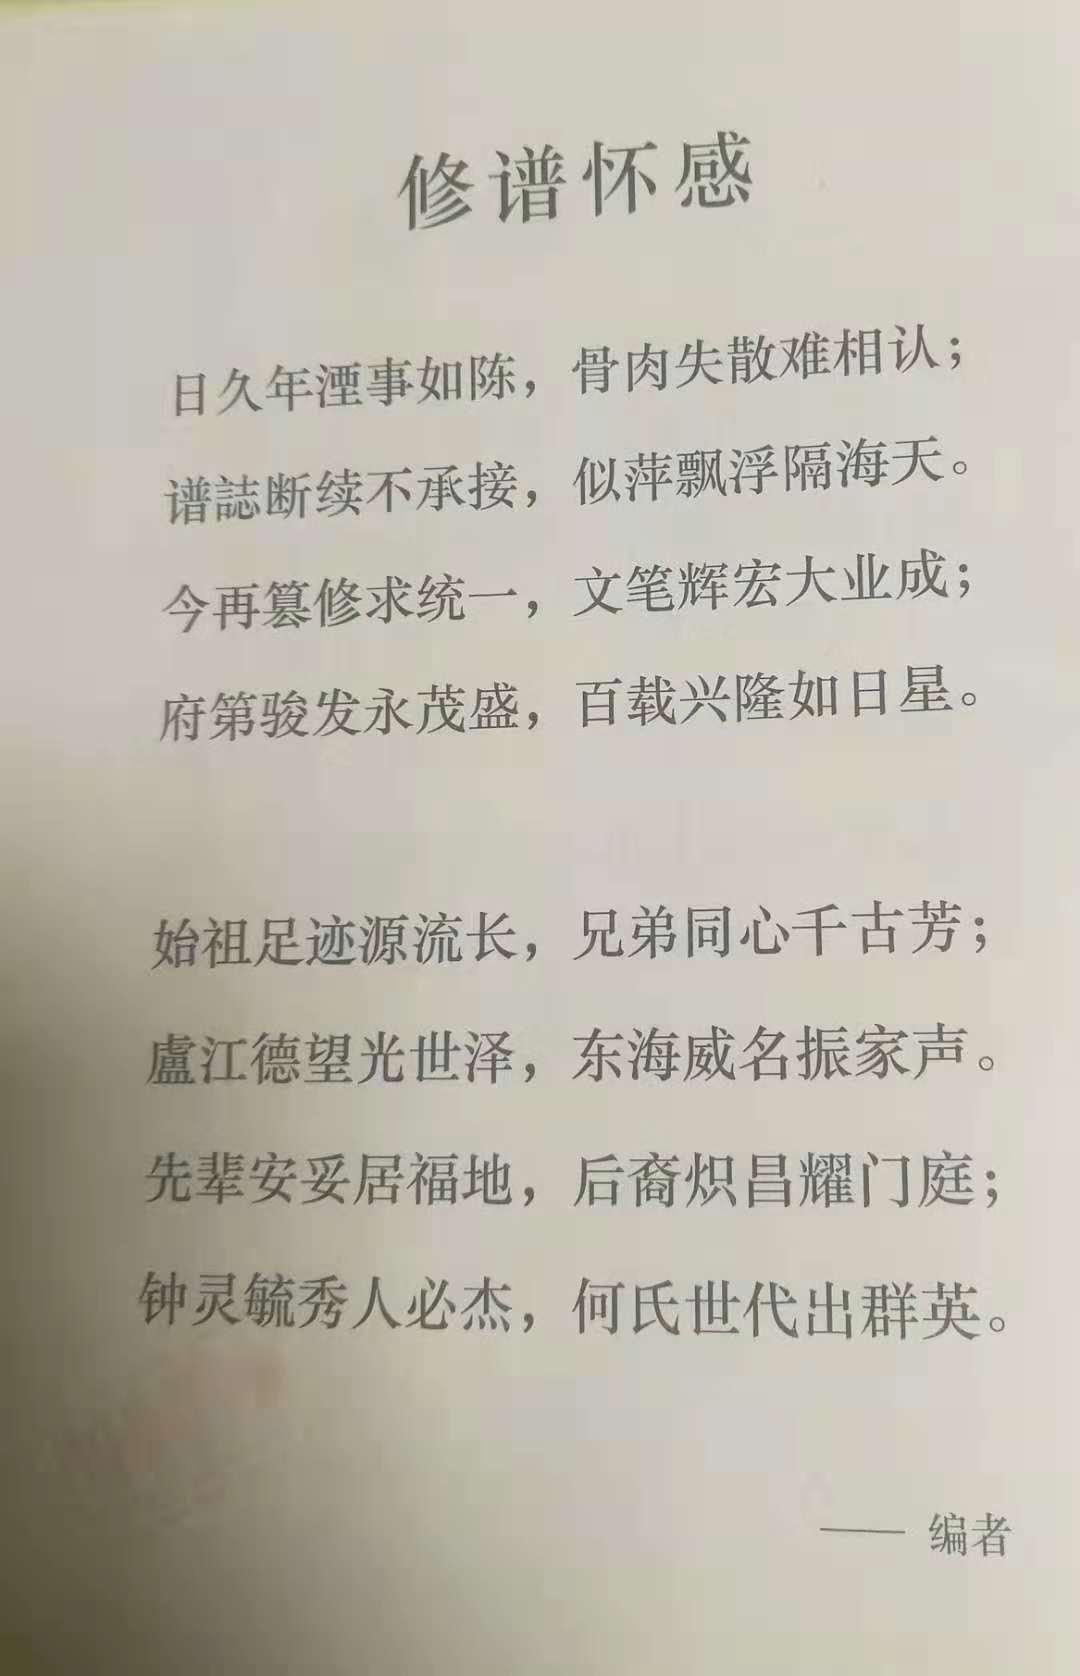 莺歌海何氏族谱:修谱怀感